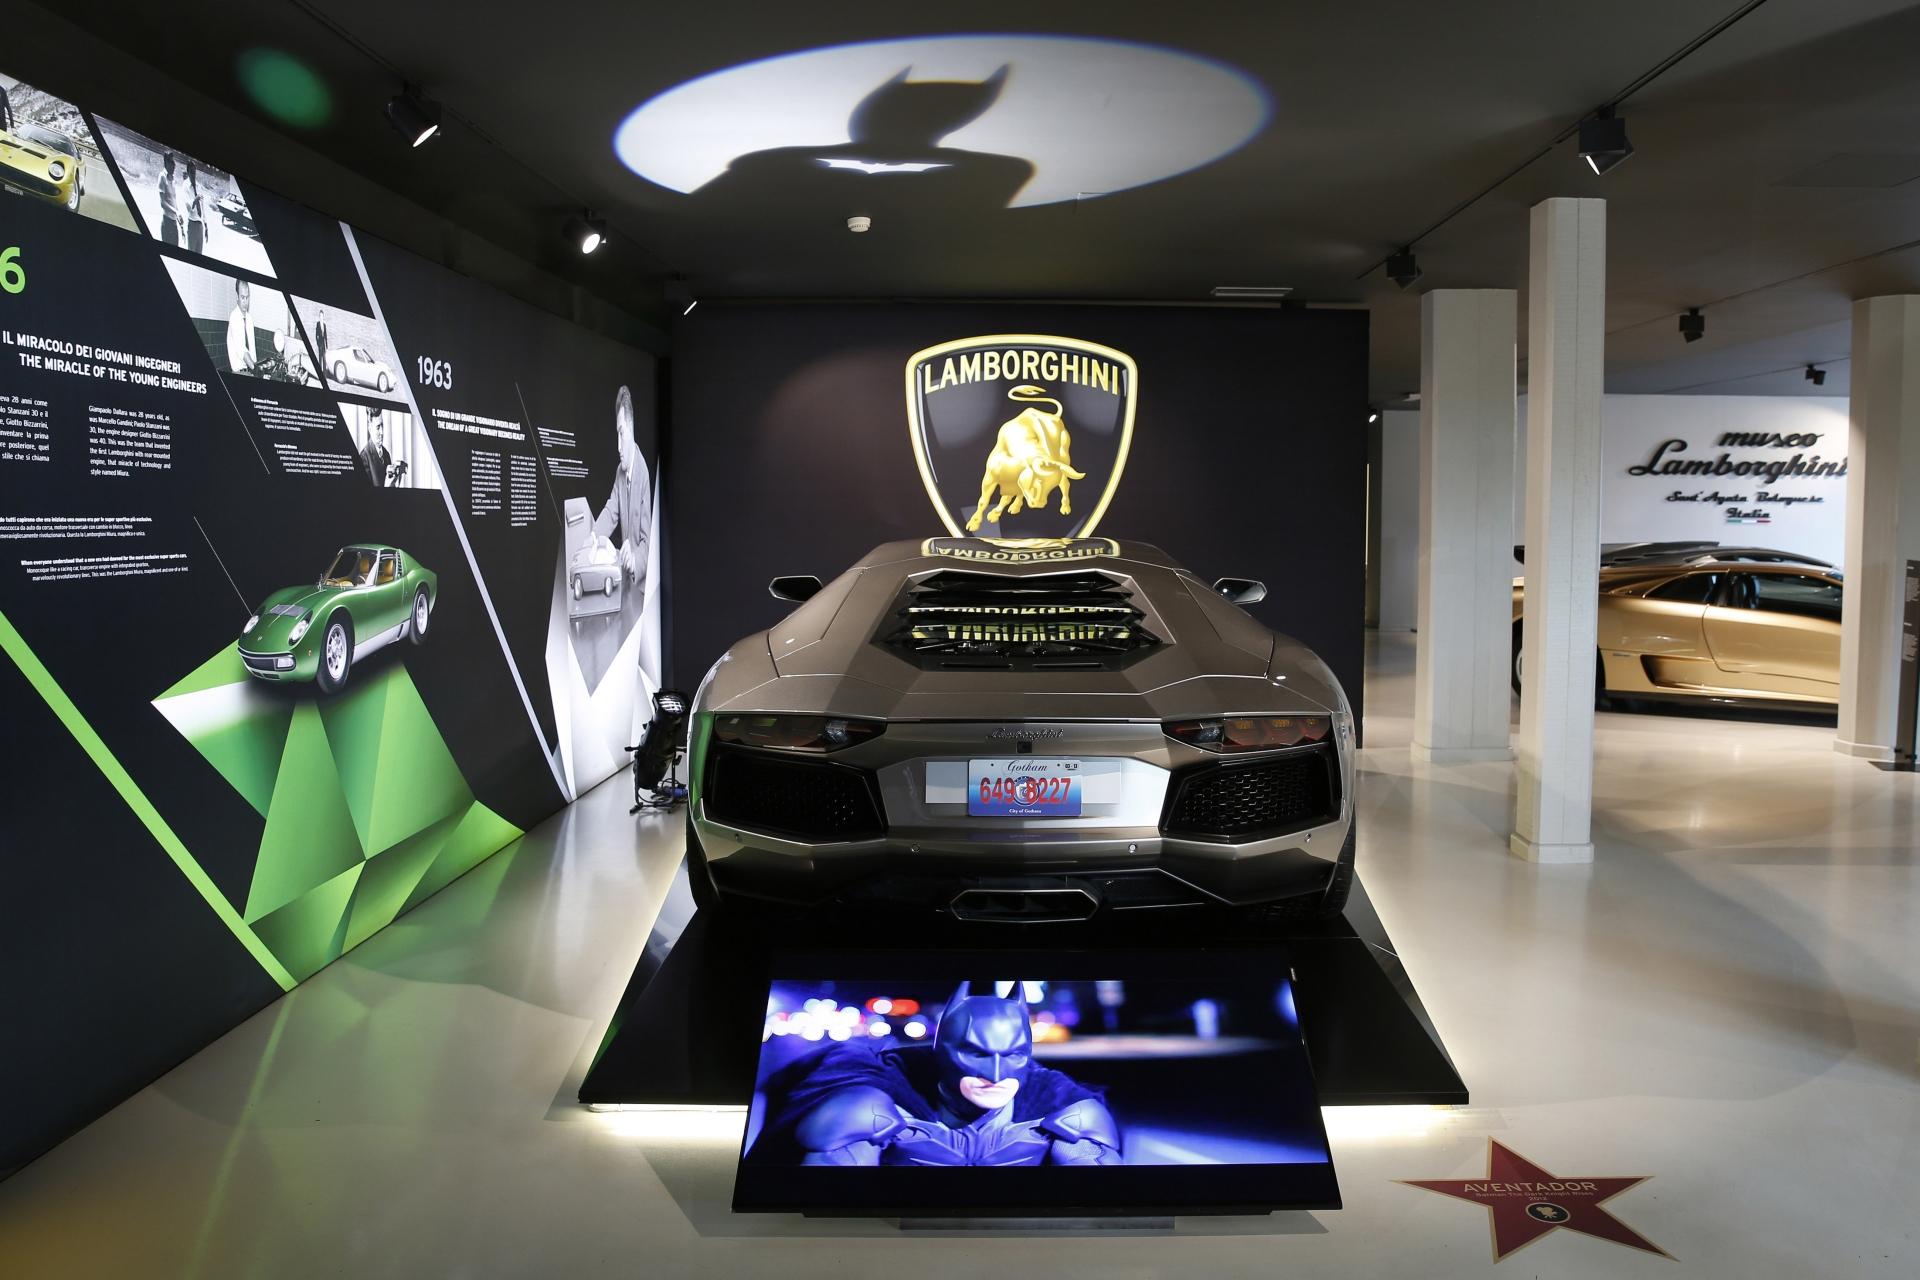 Cinematic Lamborghini Vehicles Exhibited At The Museum In